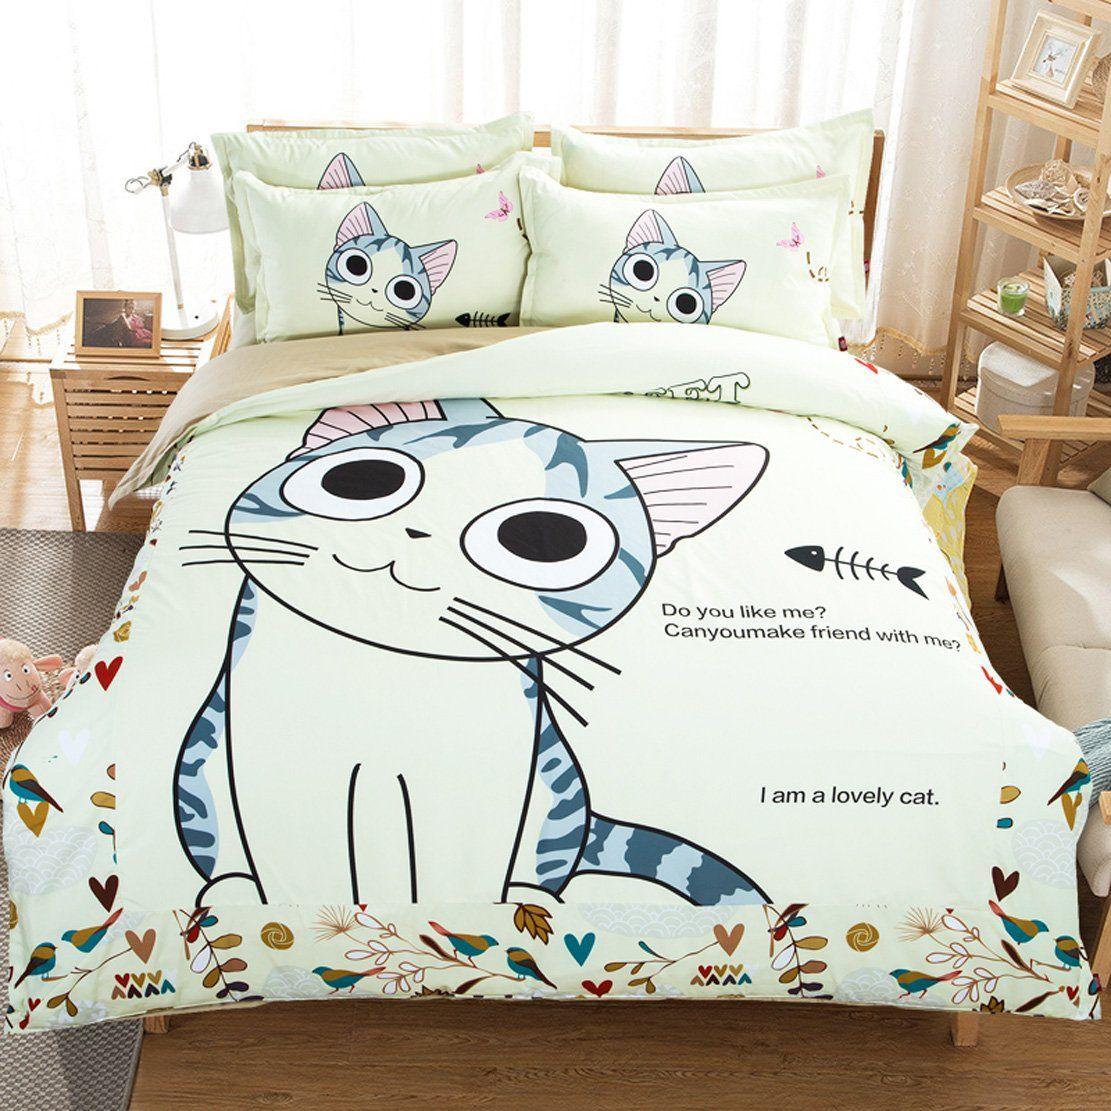 MAXYOYO Home Textiles Cartoon 100 Cotton Lovely Cat Sheet